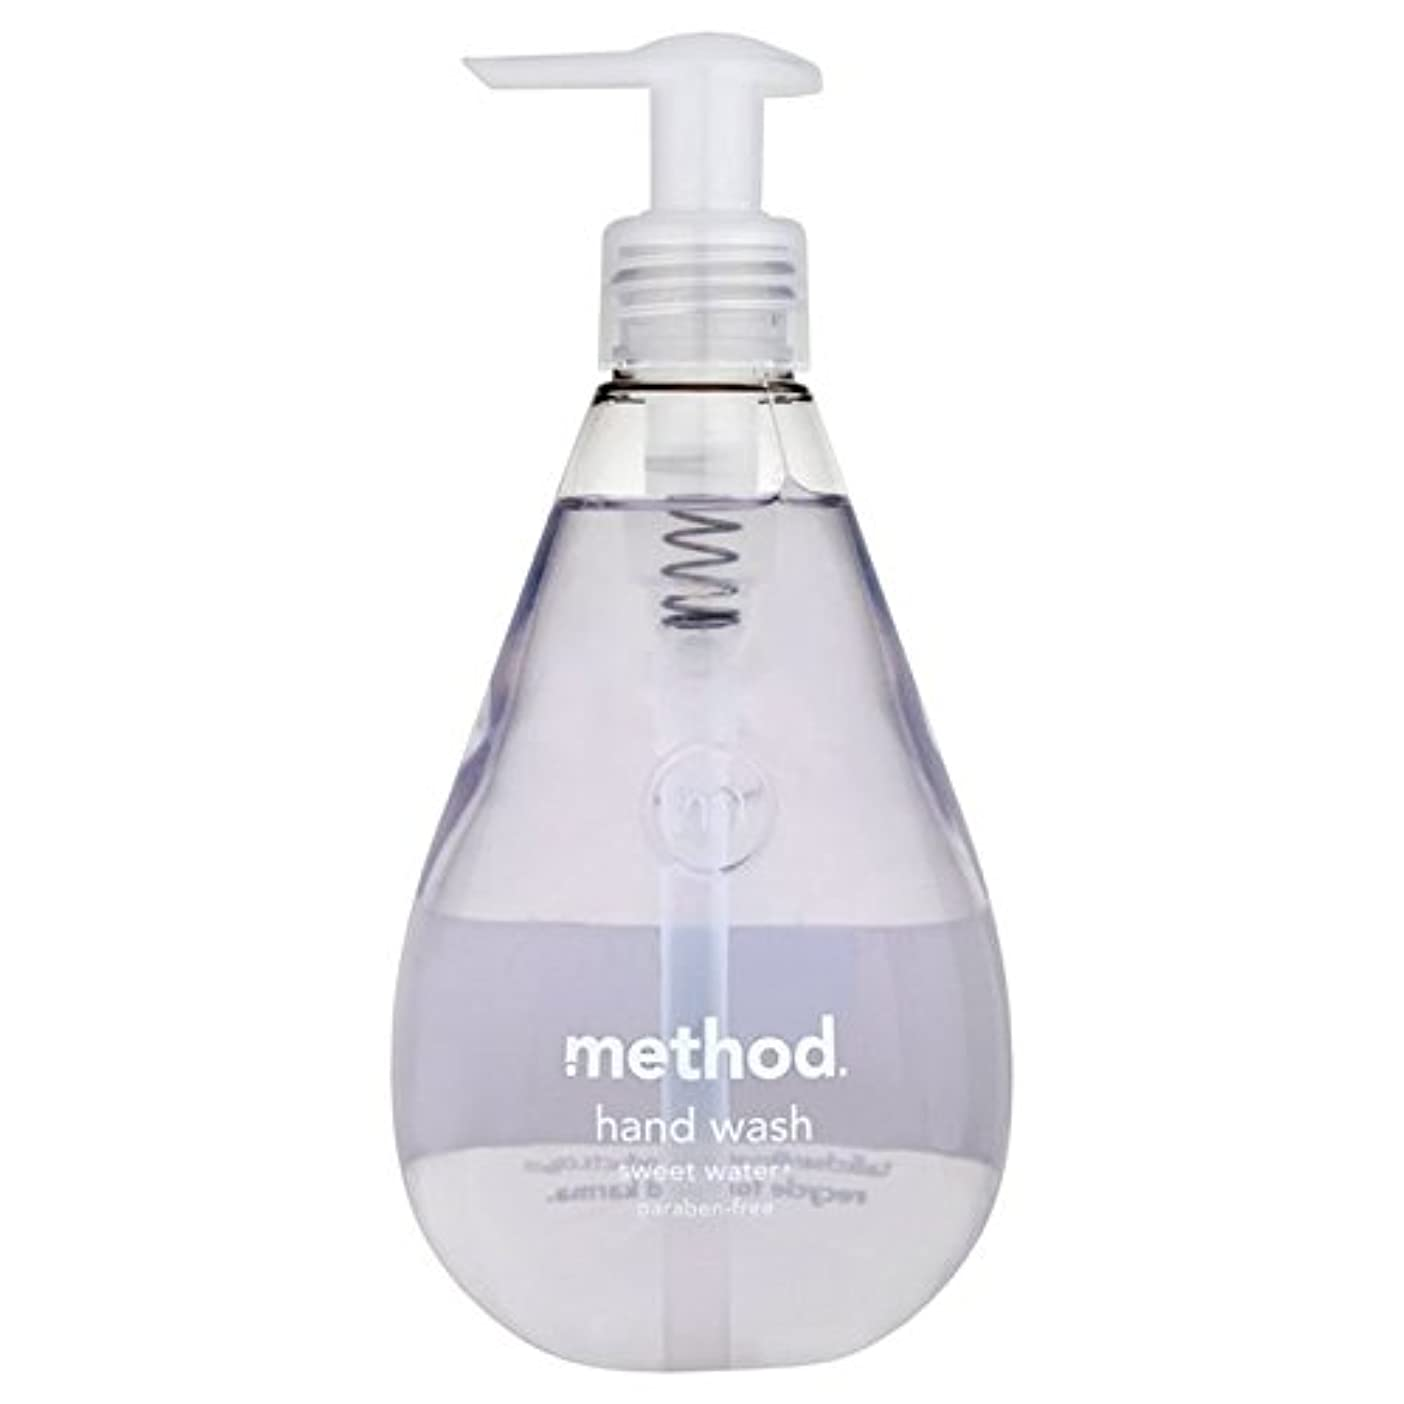 航空機明確にリズミカルなメソッドの甘い水の354ミリリットル x4 - Method Sweet Water Handsoap 354ml (Pack of 4) [並行輸入品]